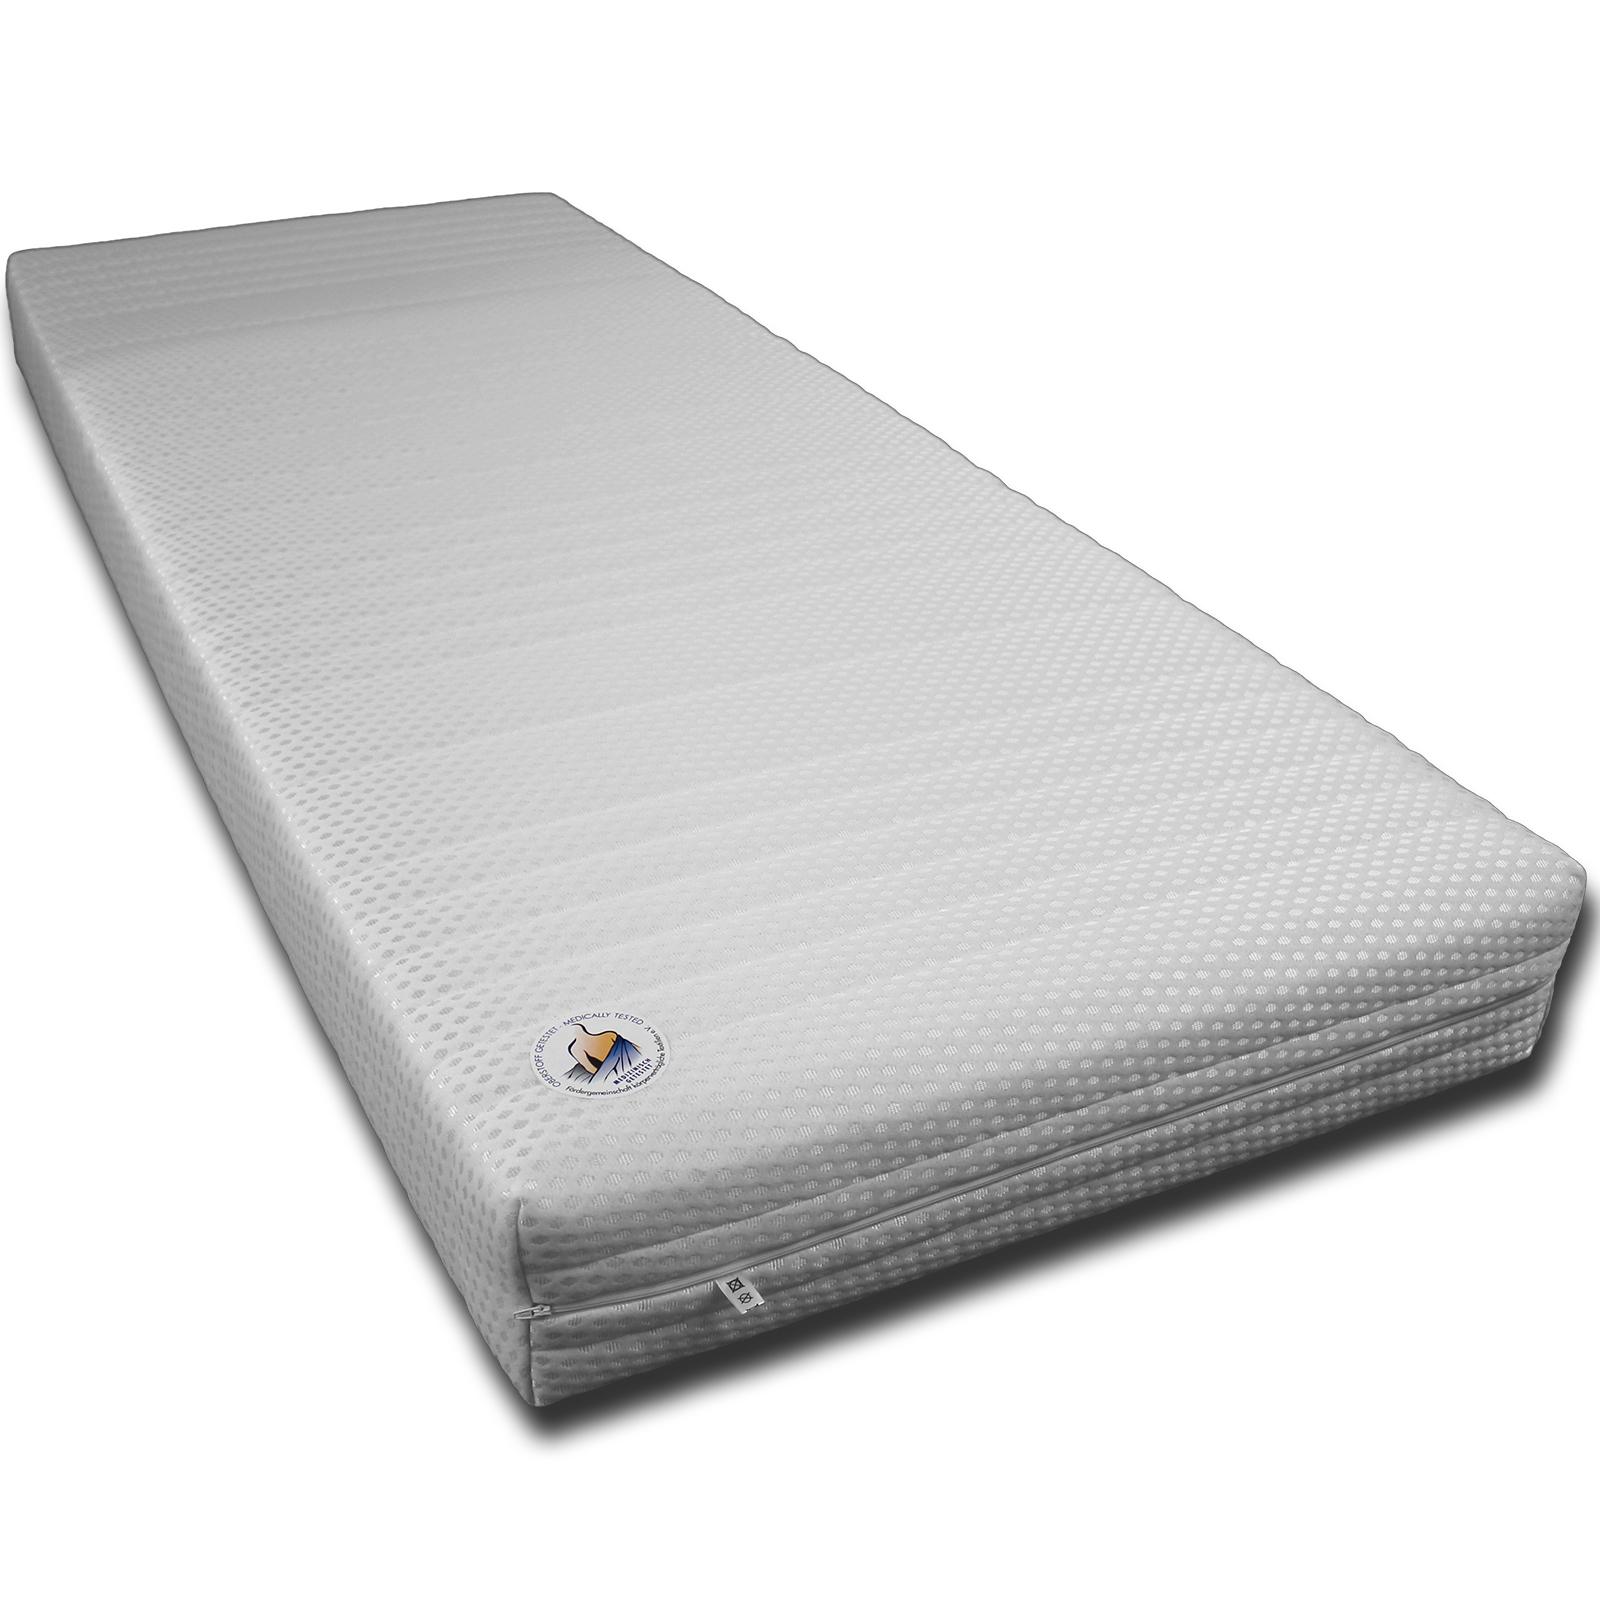 matratze h he 20cm rg30 7 zonen matratze rollmatratze mit versteppten bezug ebay. Black Bedroom Furniture Sets. Home Design Ideas